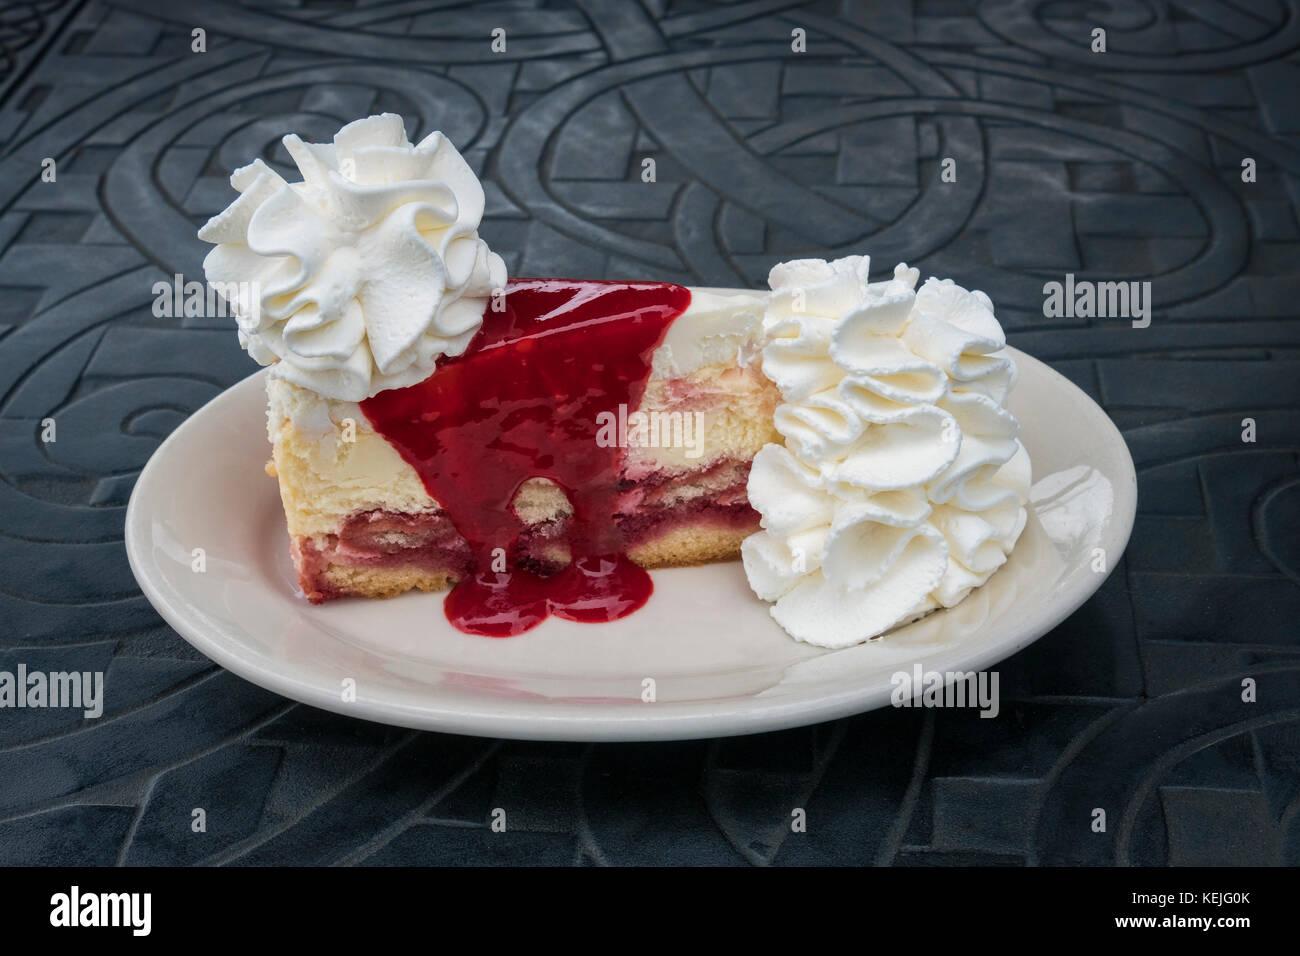 Una fetta di lampone e crema da Cheesecake il Cheesecake Factory a Baltimore, Maryland, Stati Uniti d'America Immagini Stock